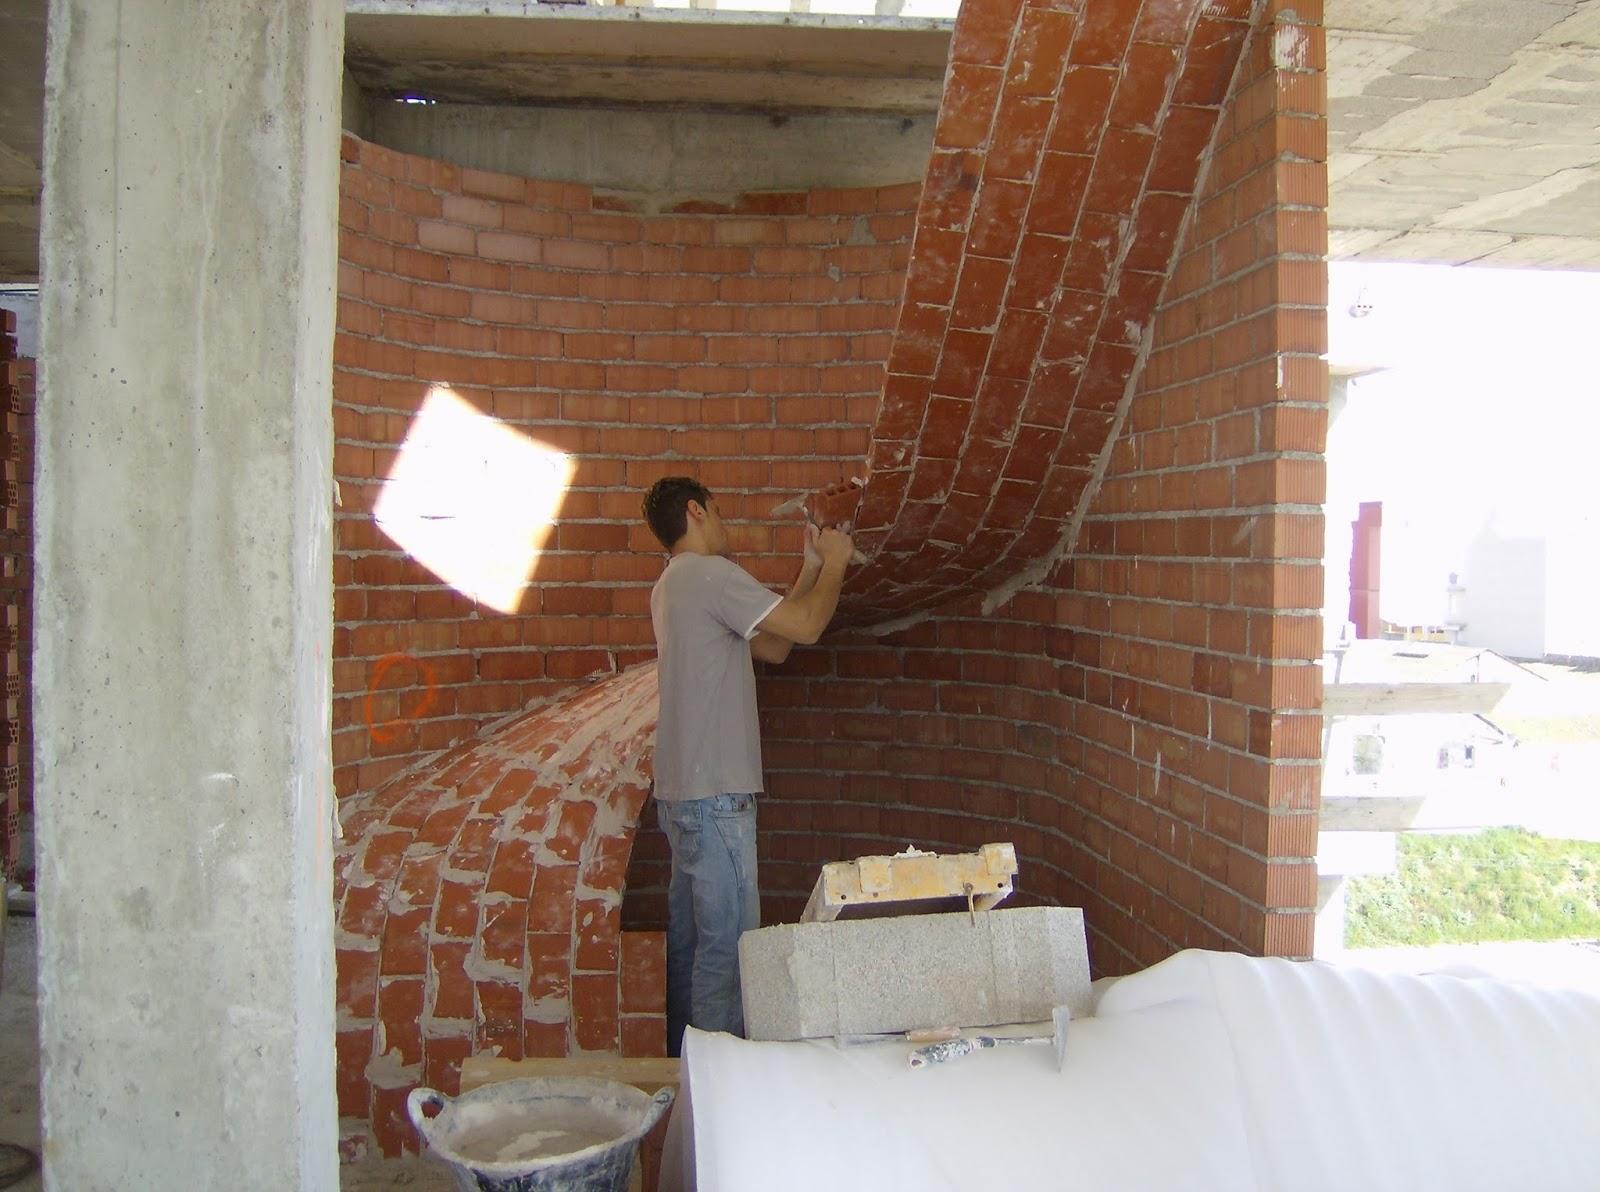 B veda tabicada salvador gomis avi o boveda helicoidal o for Como trazar una escalera de caracol de concreto